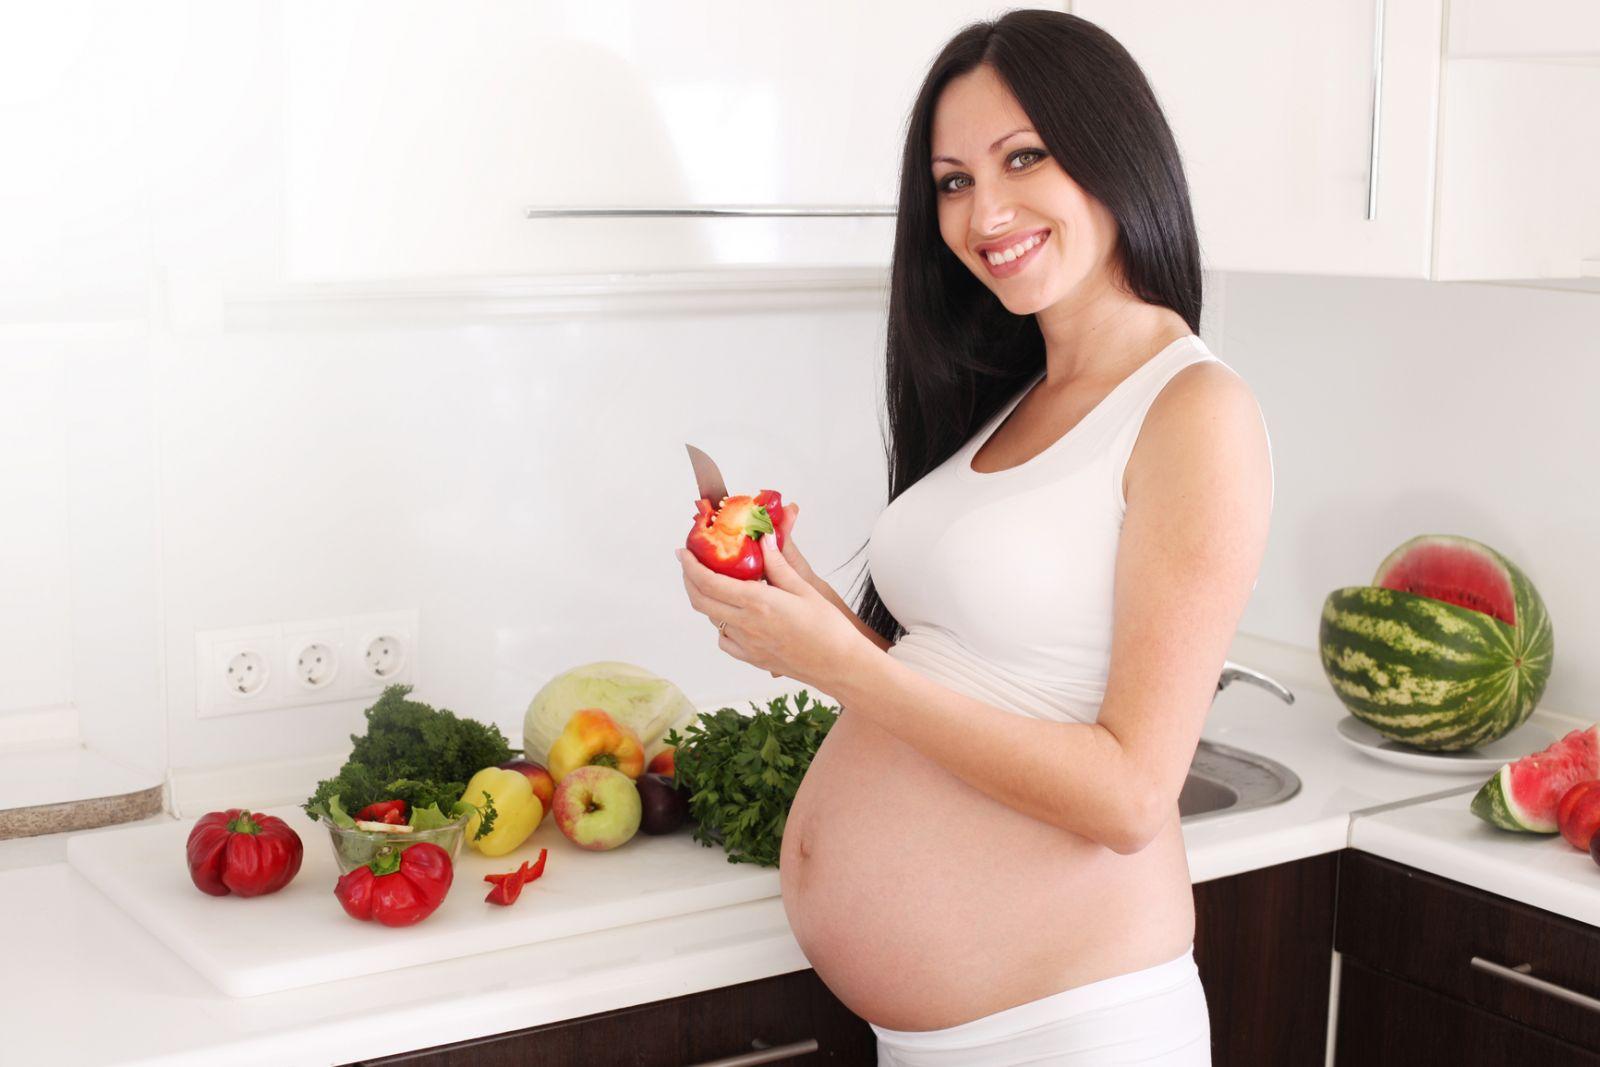 Гевискон для будущей мамы: скорая помощь при изжоге